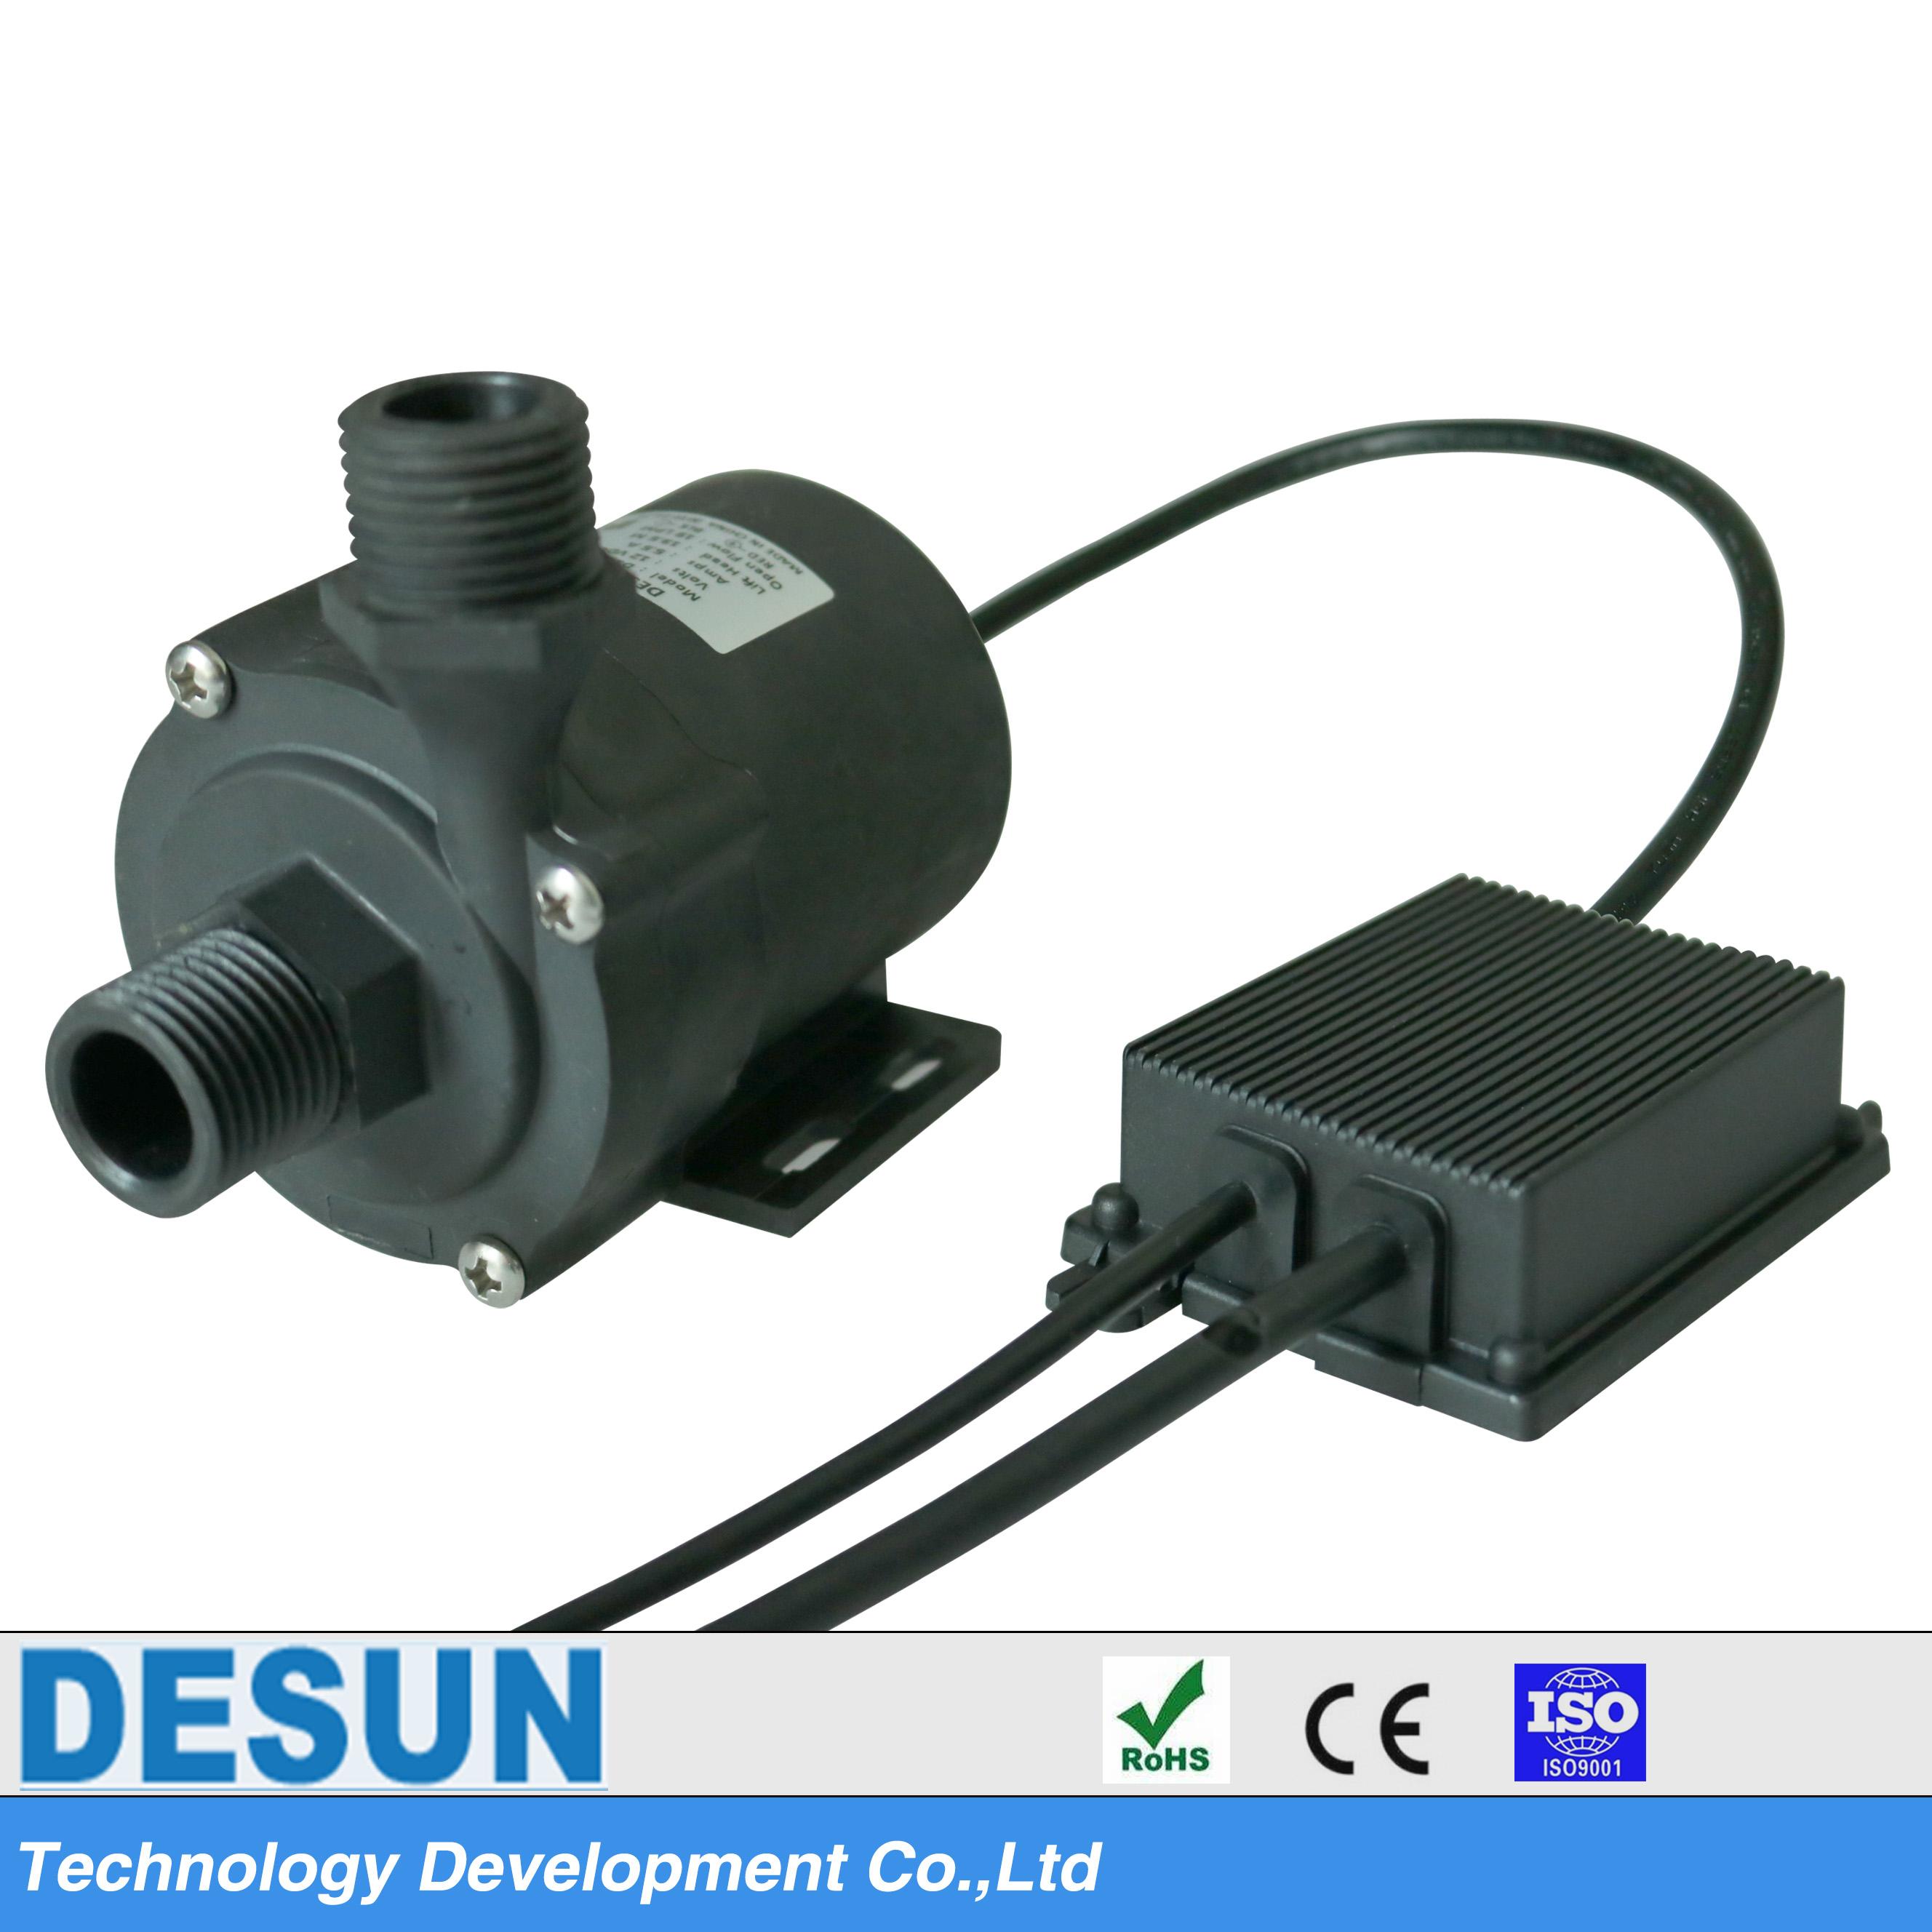 三相调速医疗器械微型水泵DS50